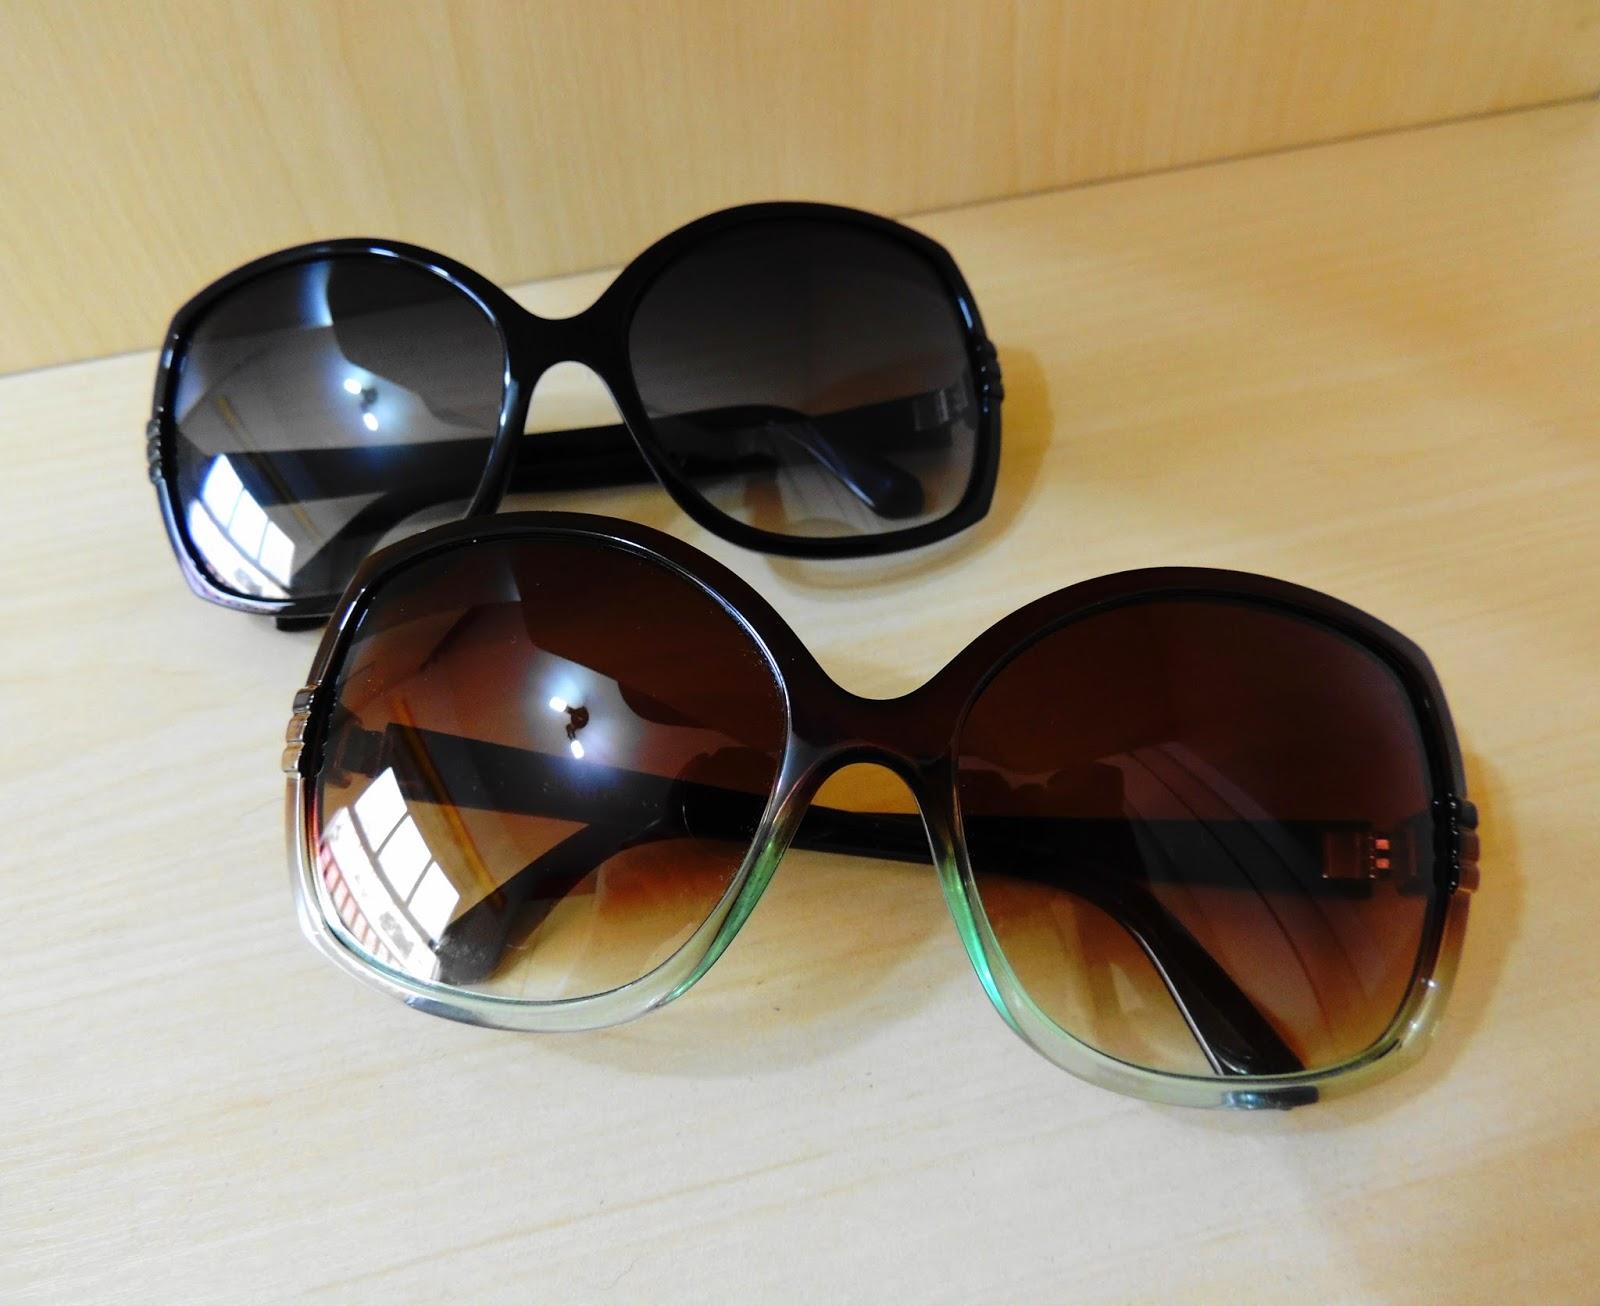 eb2e880c407d0 Cia do Esmalte  Óculos de sol Hot Buttered da Óculosweb